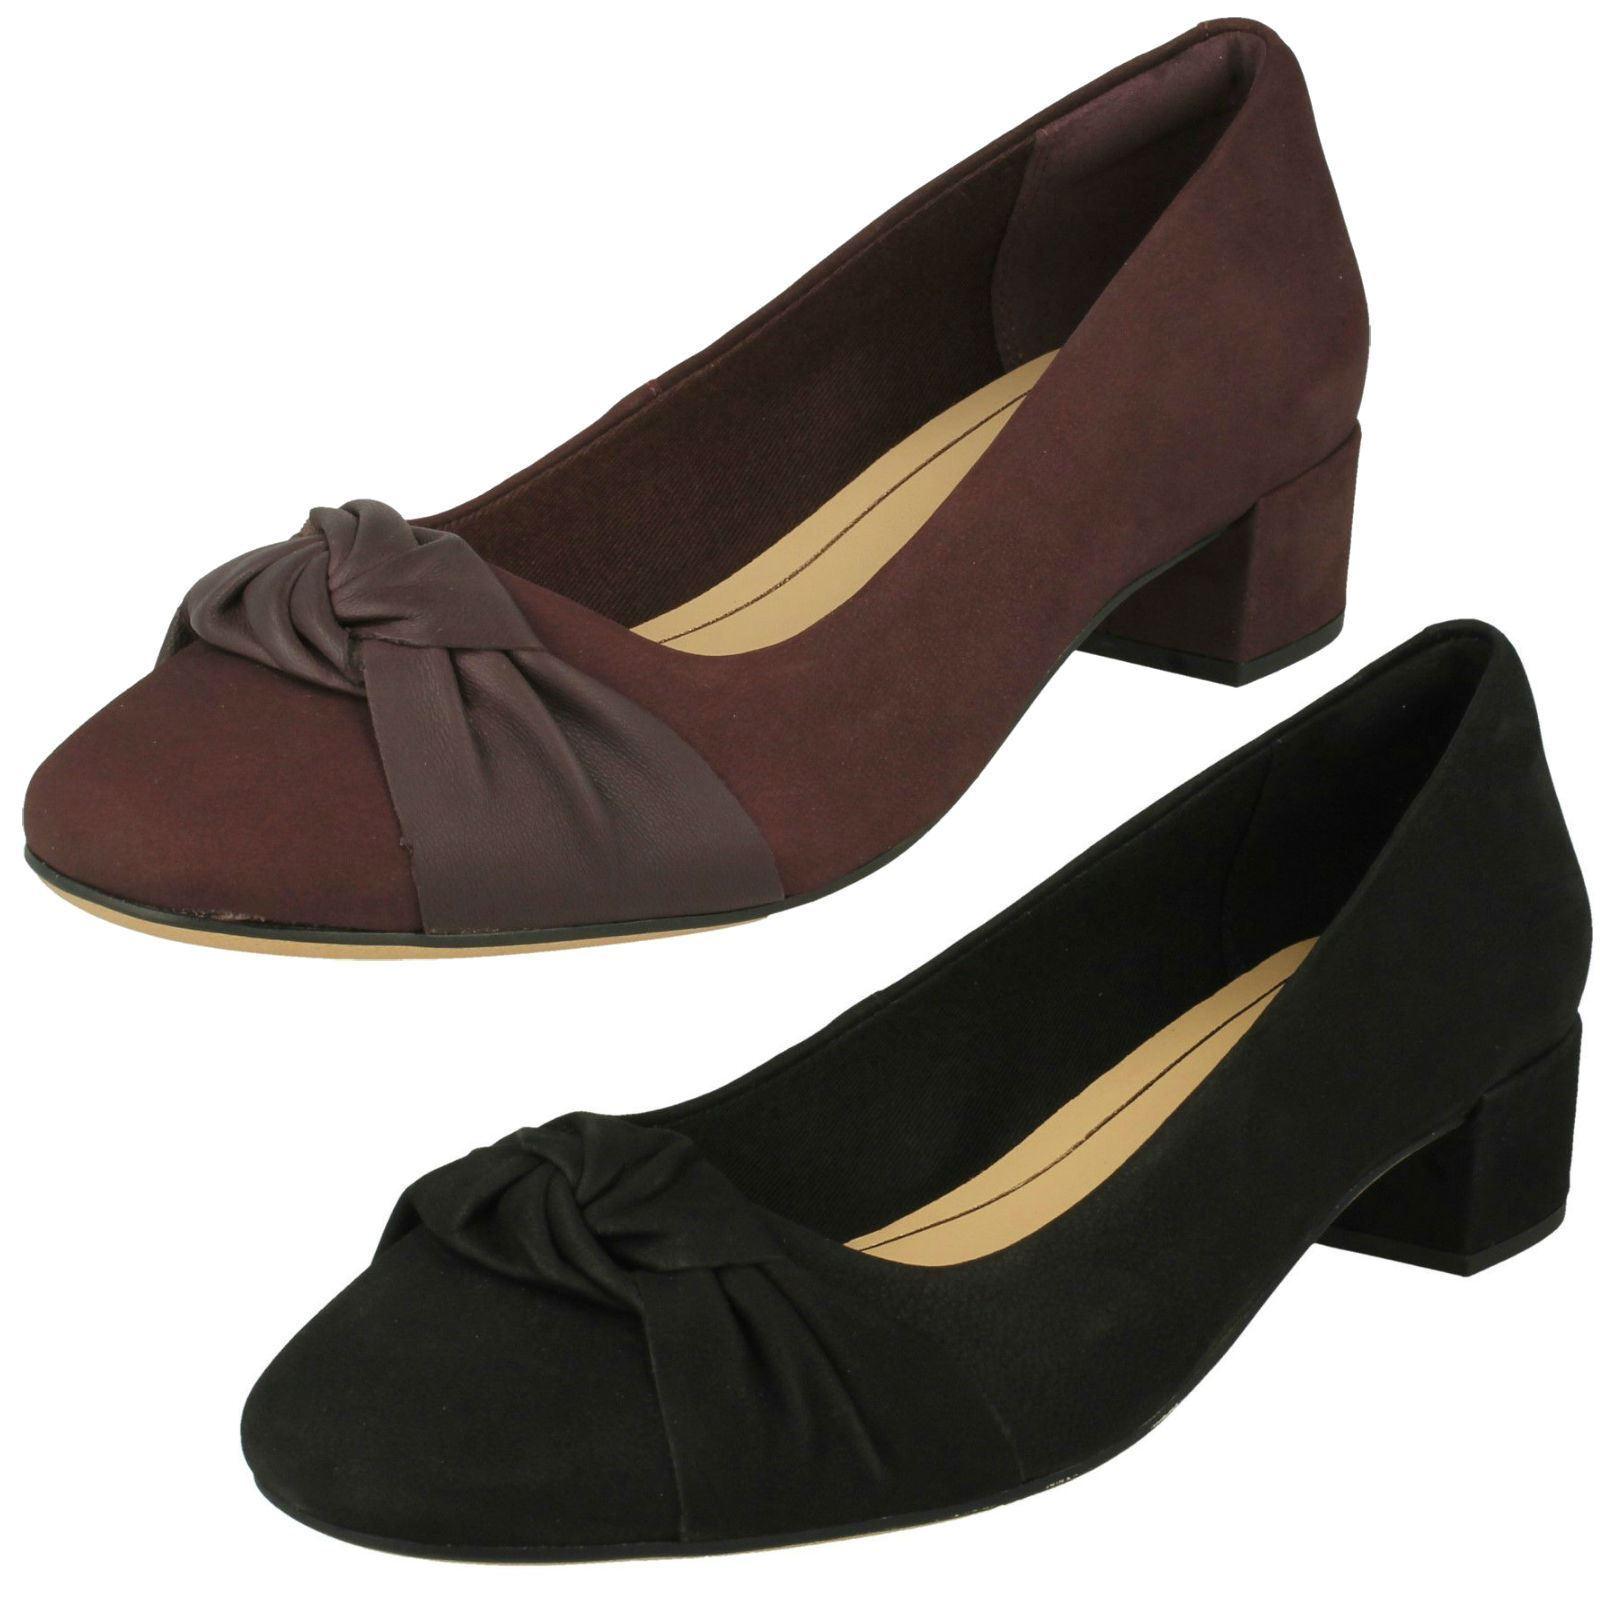 Sandalo Donna Blocco Clarks Tacco a  Blocco Donna Dettaglio Fiocco  a  890dc0